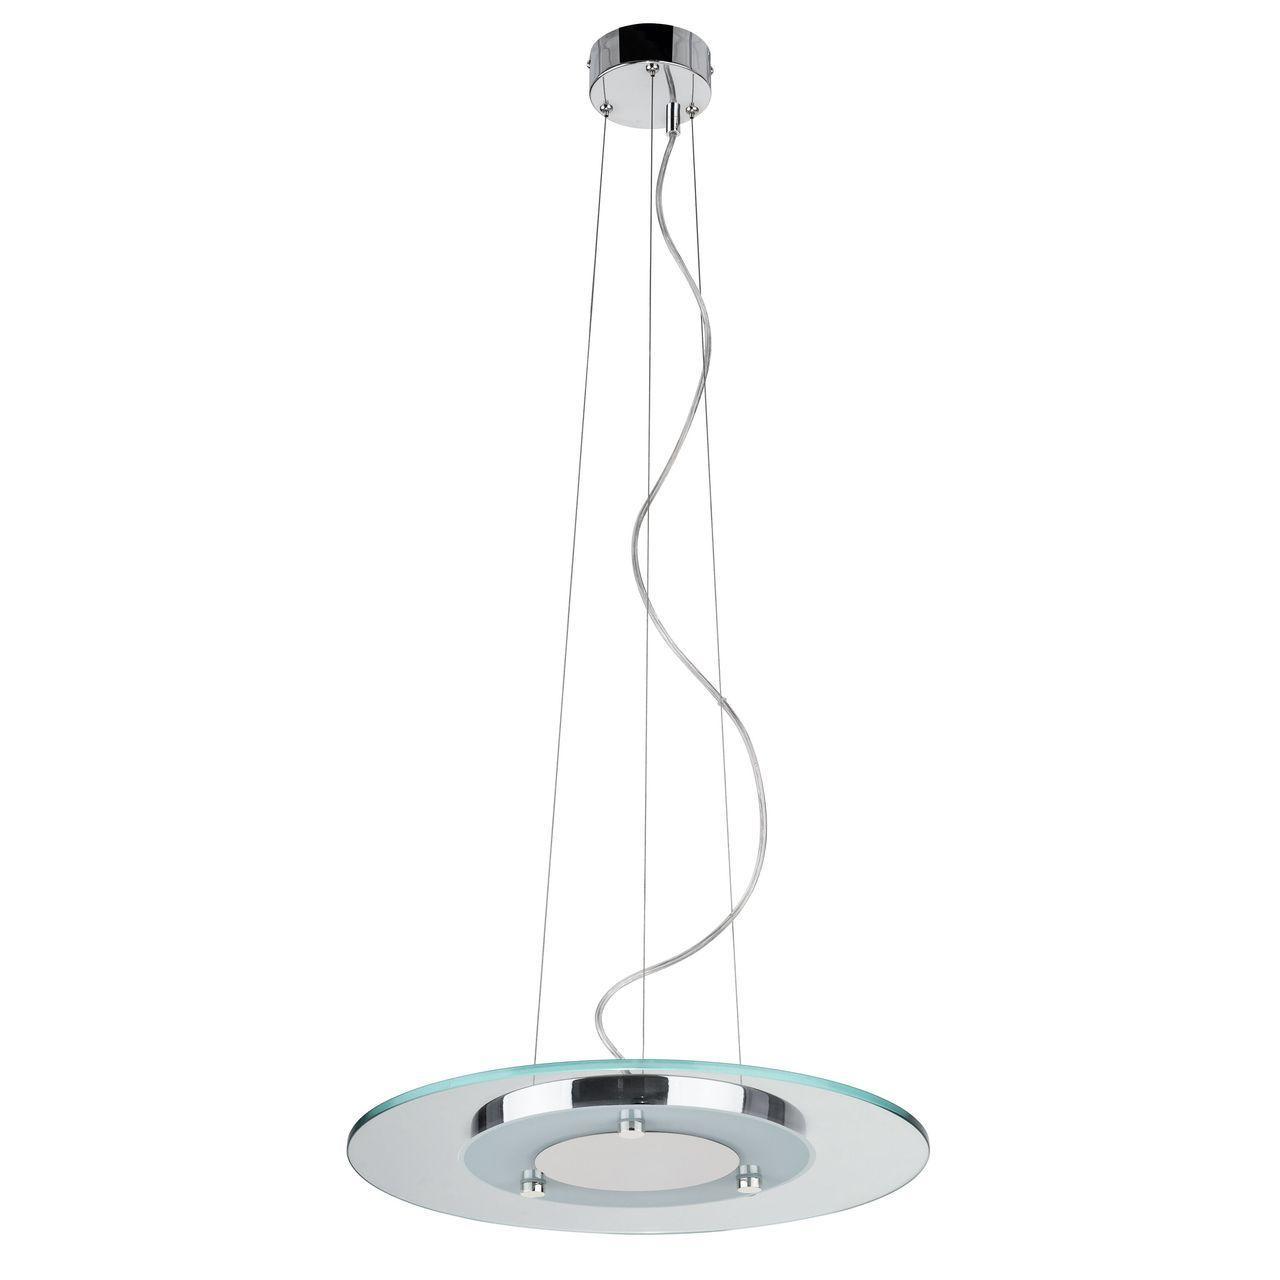 Купить Подвесной светодиодный светильник Spot Light Minnesota, inmyroom, Польша